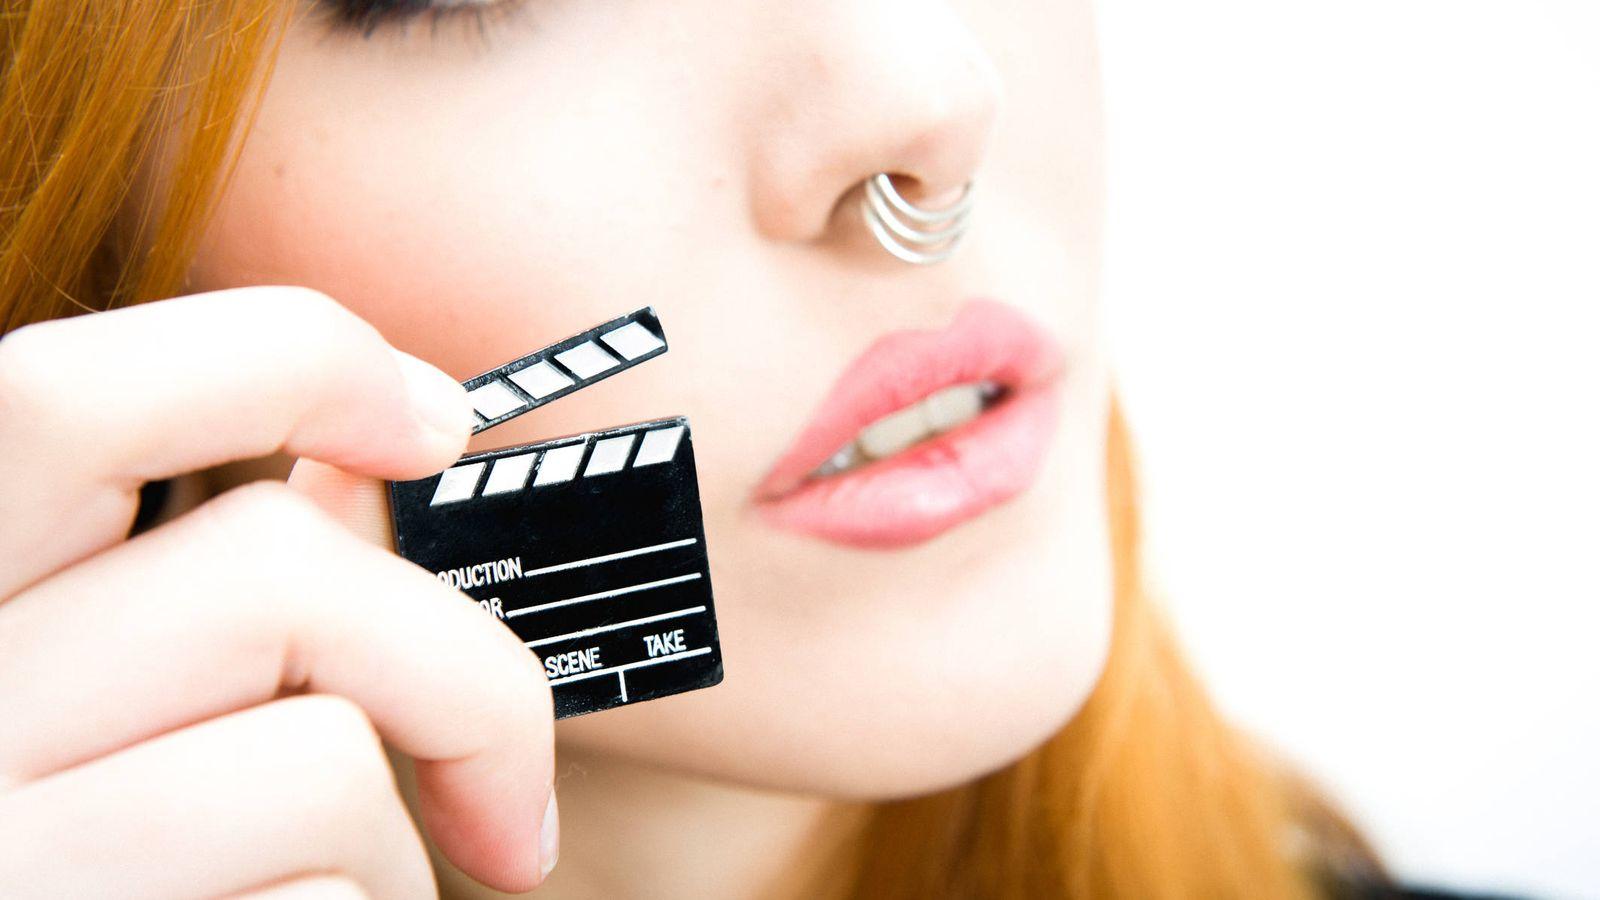 Actrices Porno Feministas pornografía: lo que tienes que saber sobre el porno